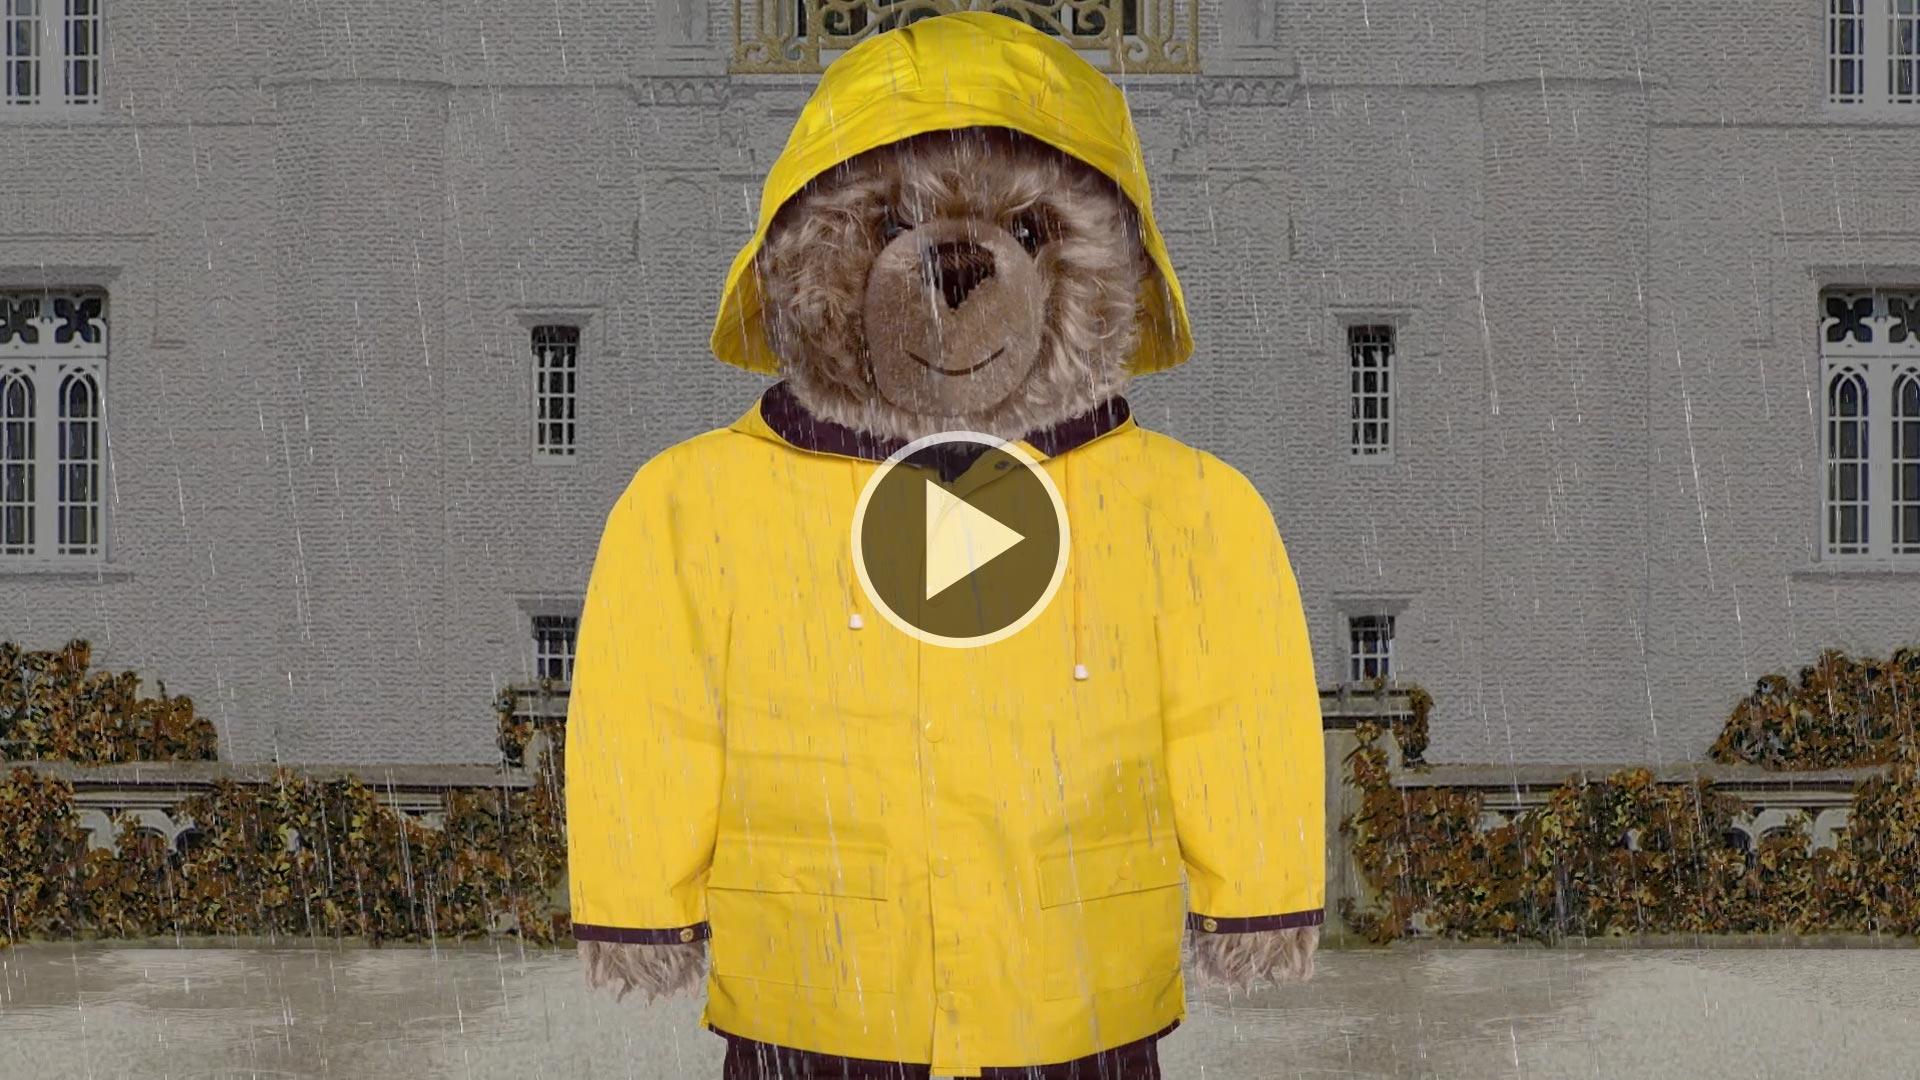 Teddy-König Opa und der Regen